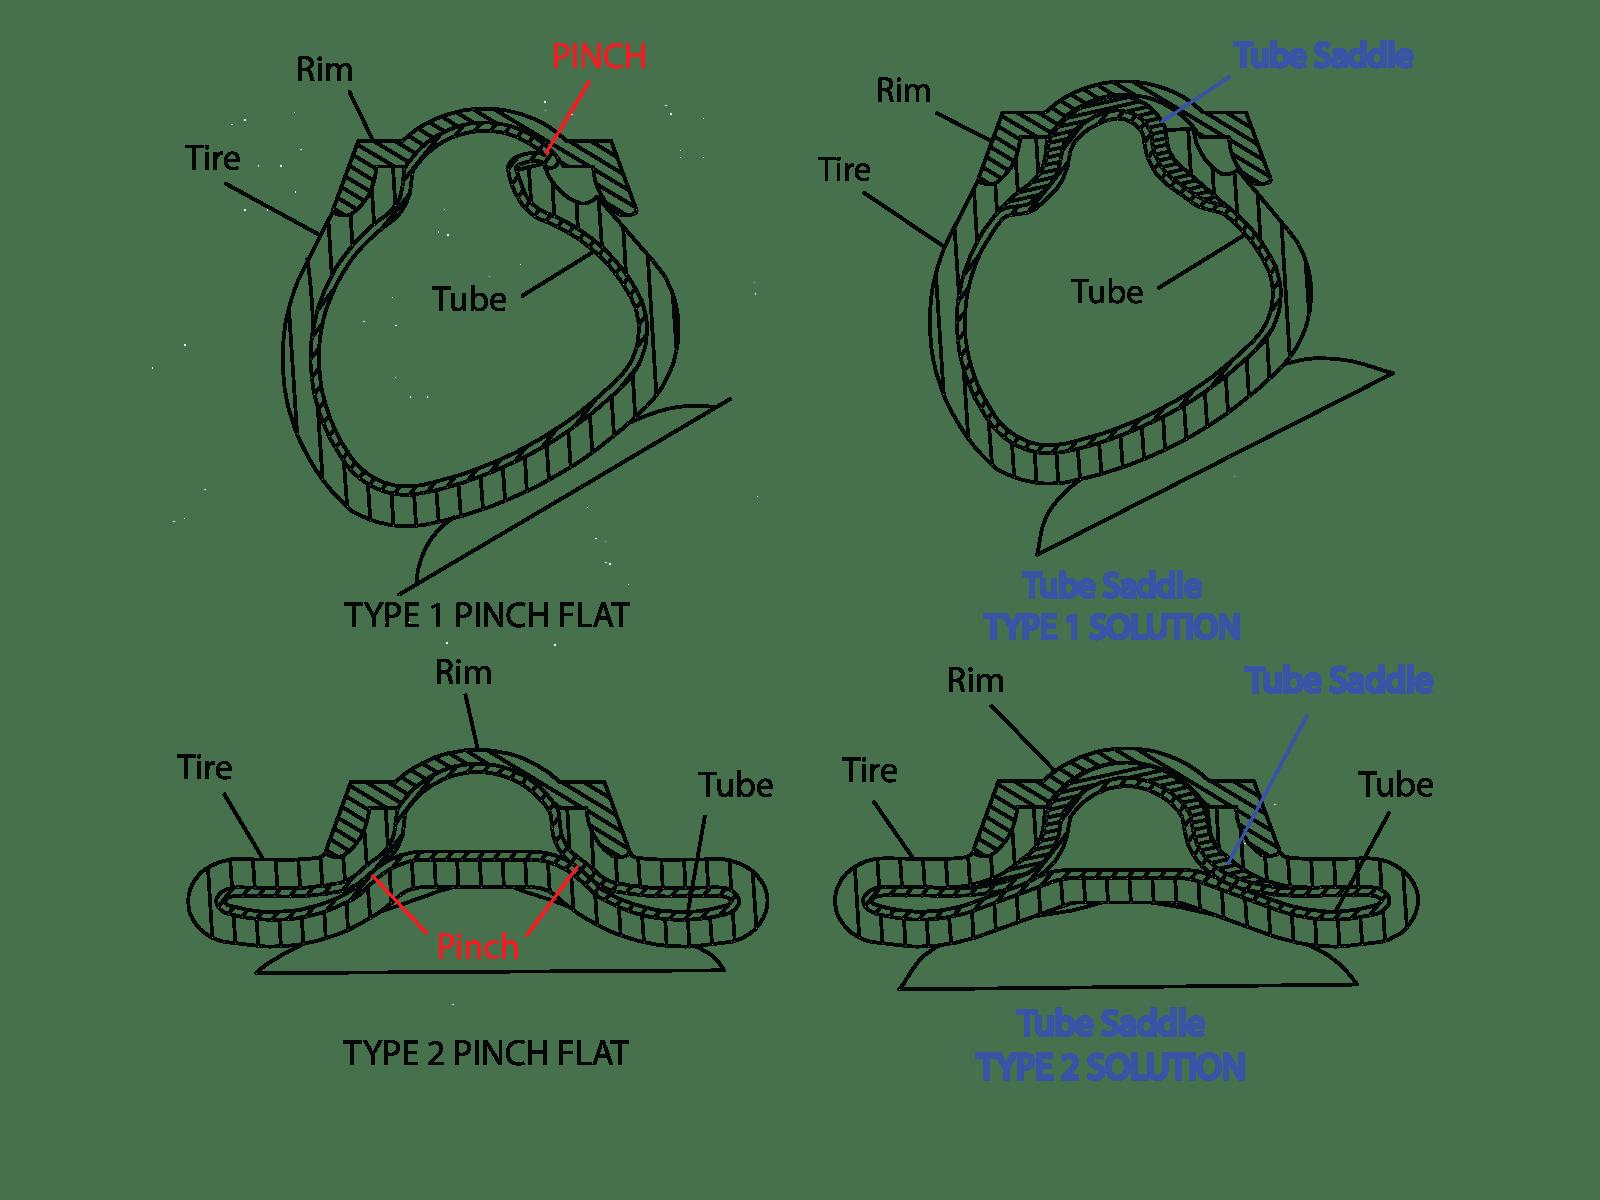 Tube Saddle How It Works